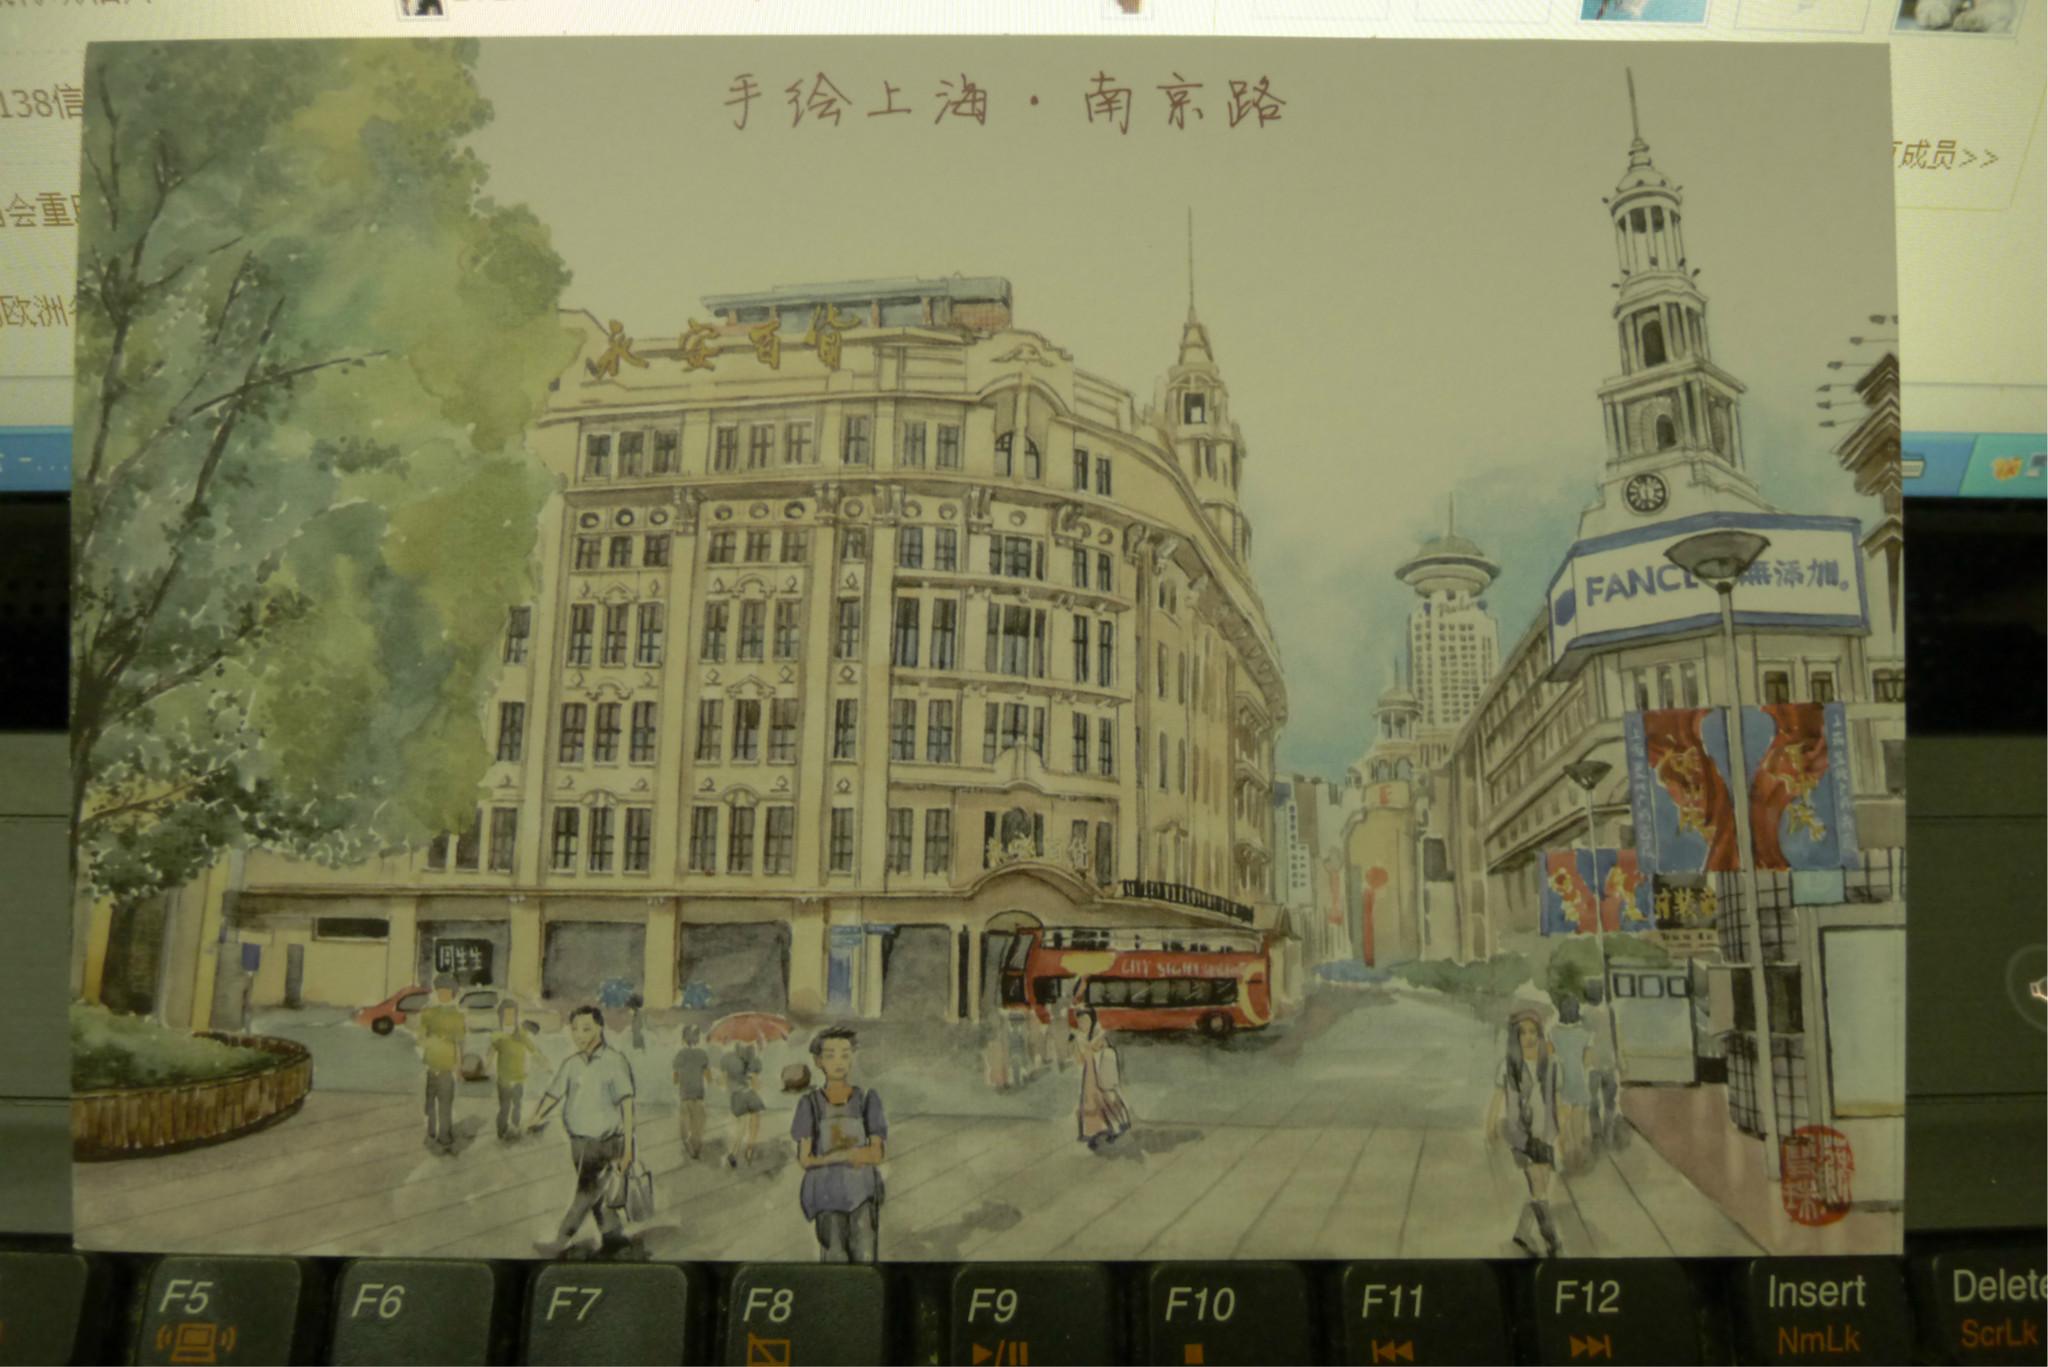 【上海手绘片】已寄出,请各位注意查收